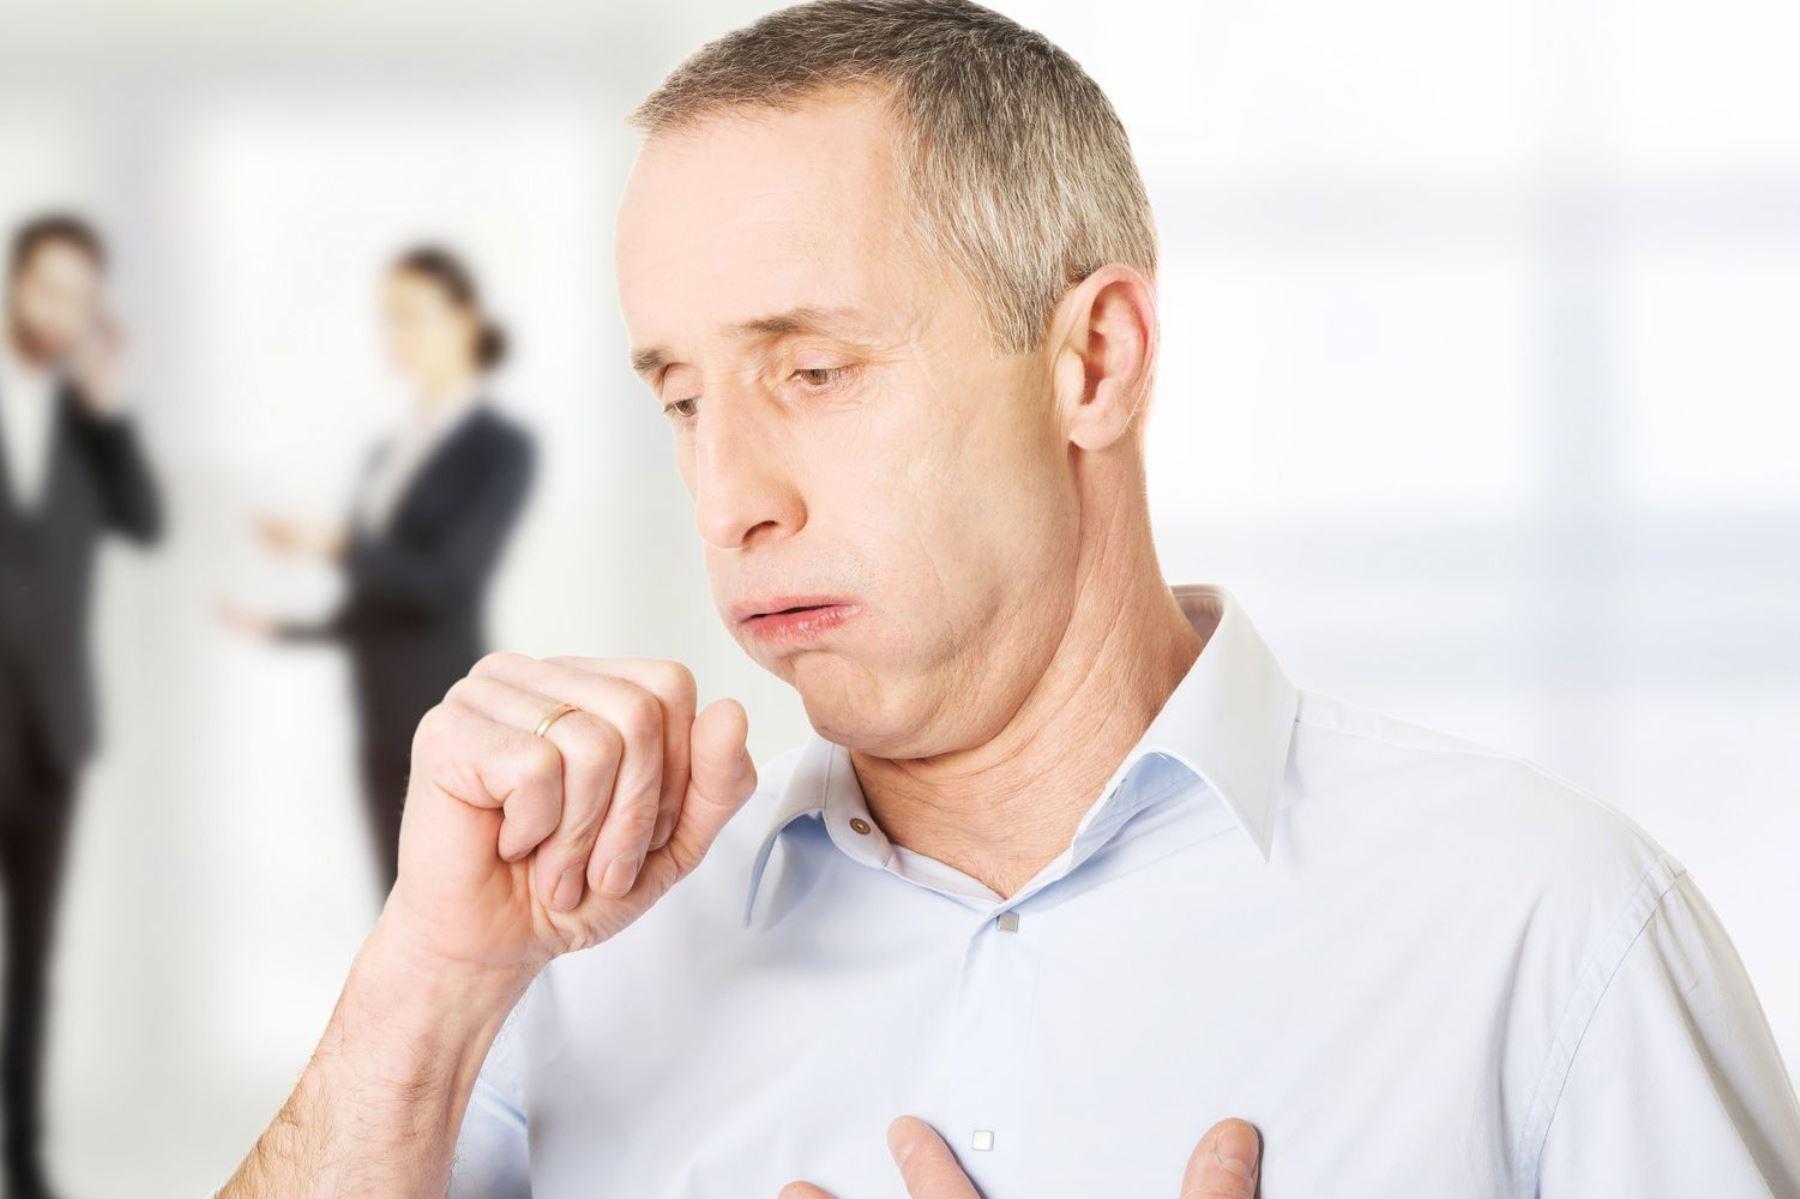 Fibrosis pulmonar es una enfermedad incurable y mortal si no se detecta a tiempo